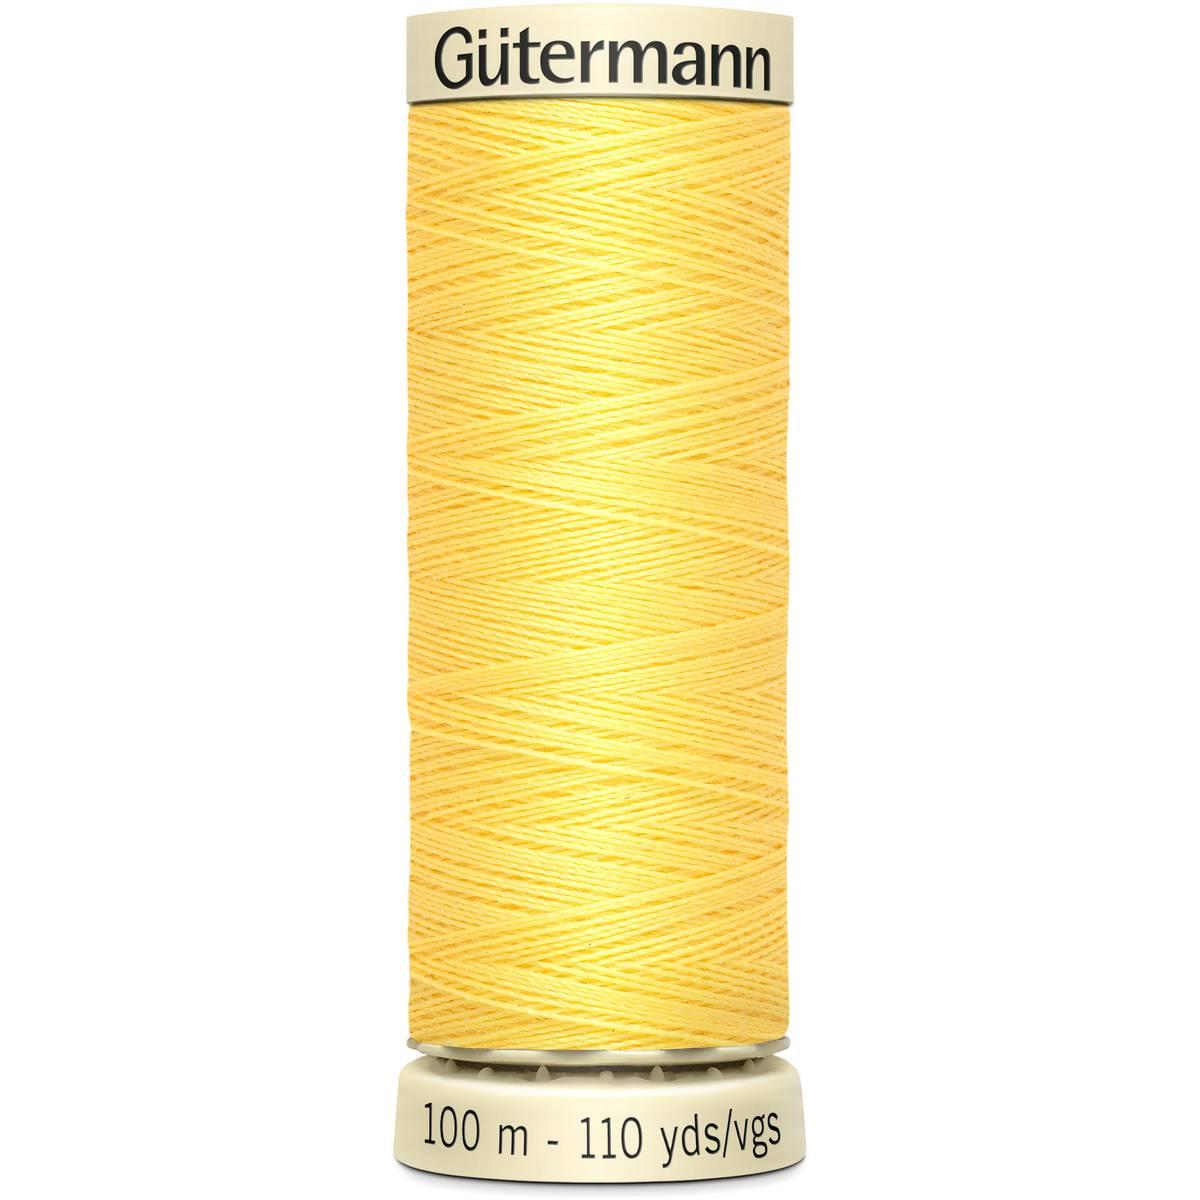 חוט תפירה גוטרמן - Yellow 852